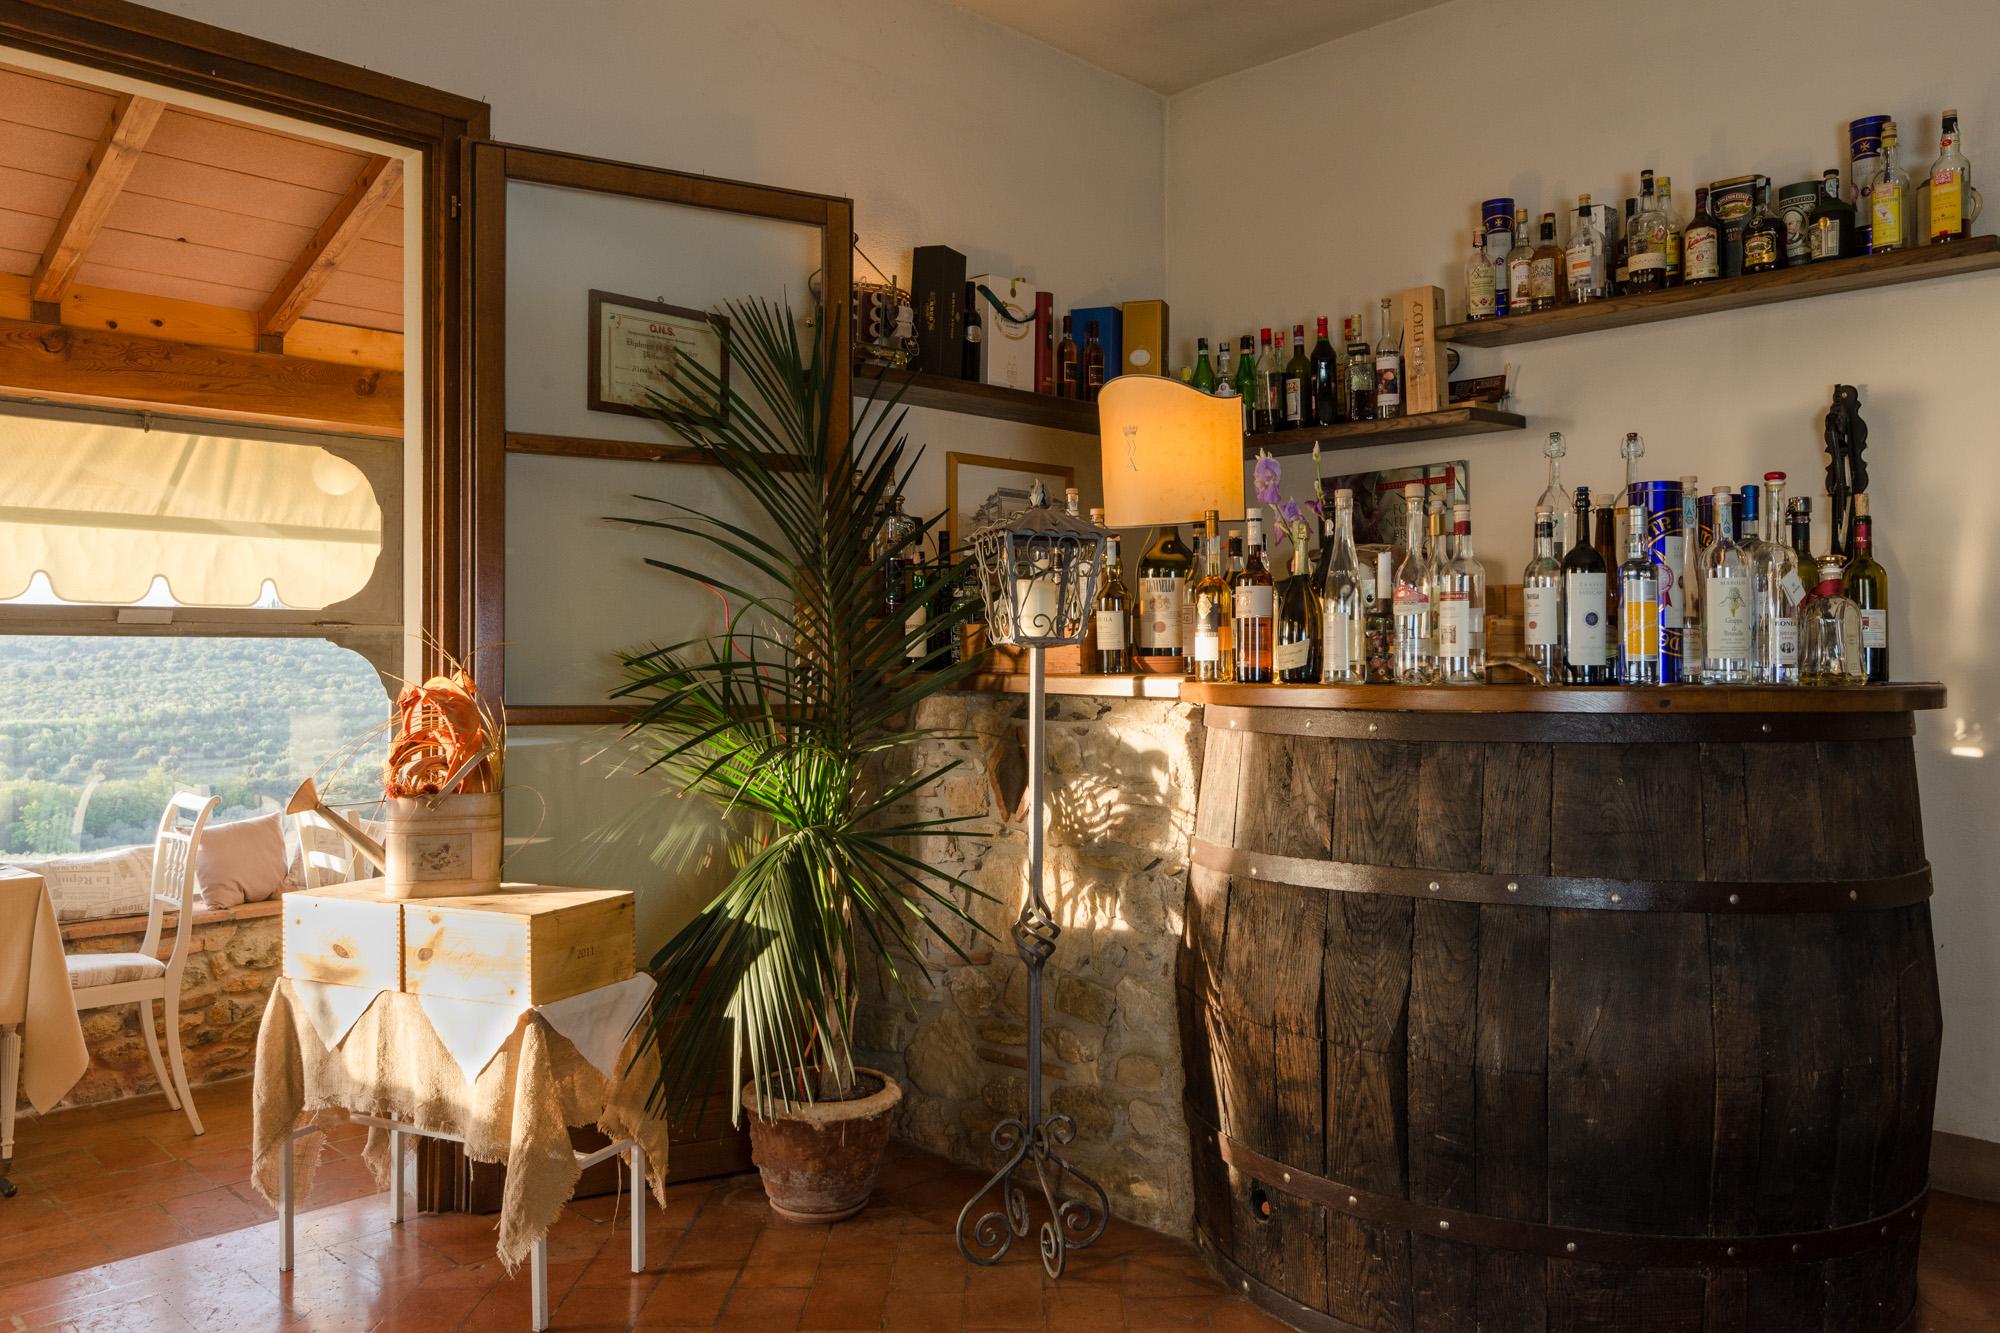 Ristorante tipico Toscana